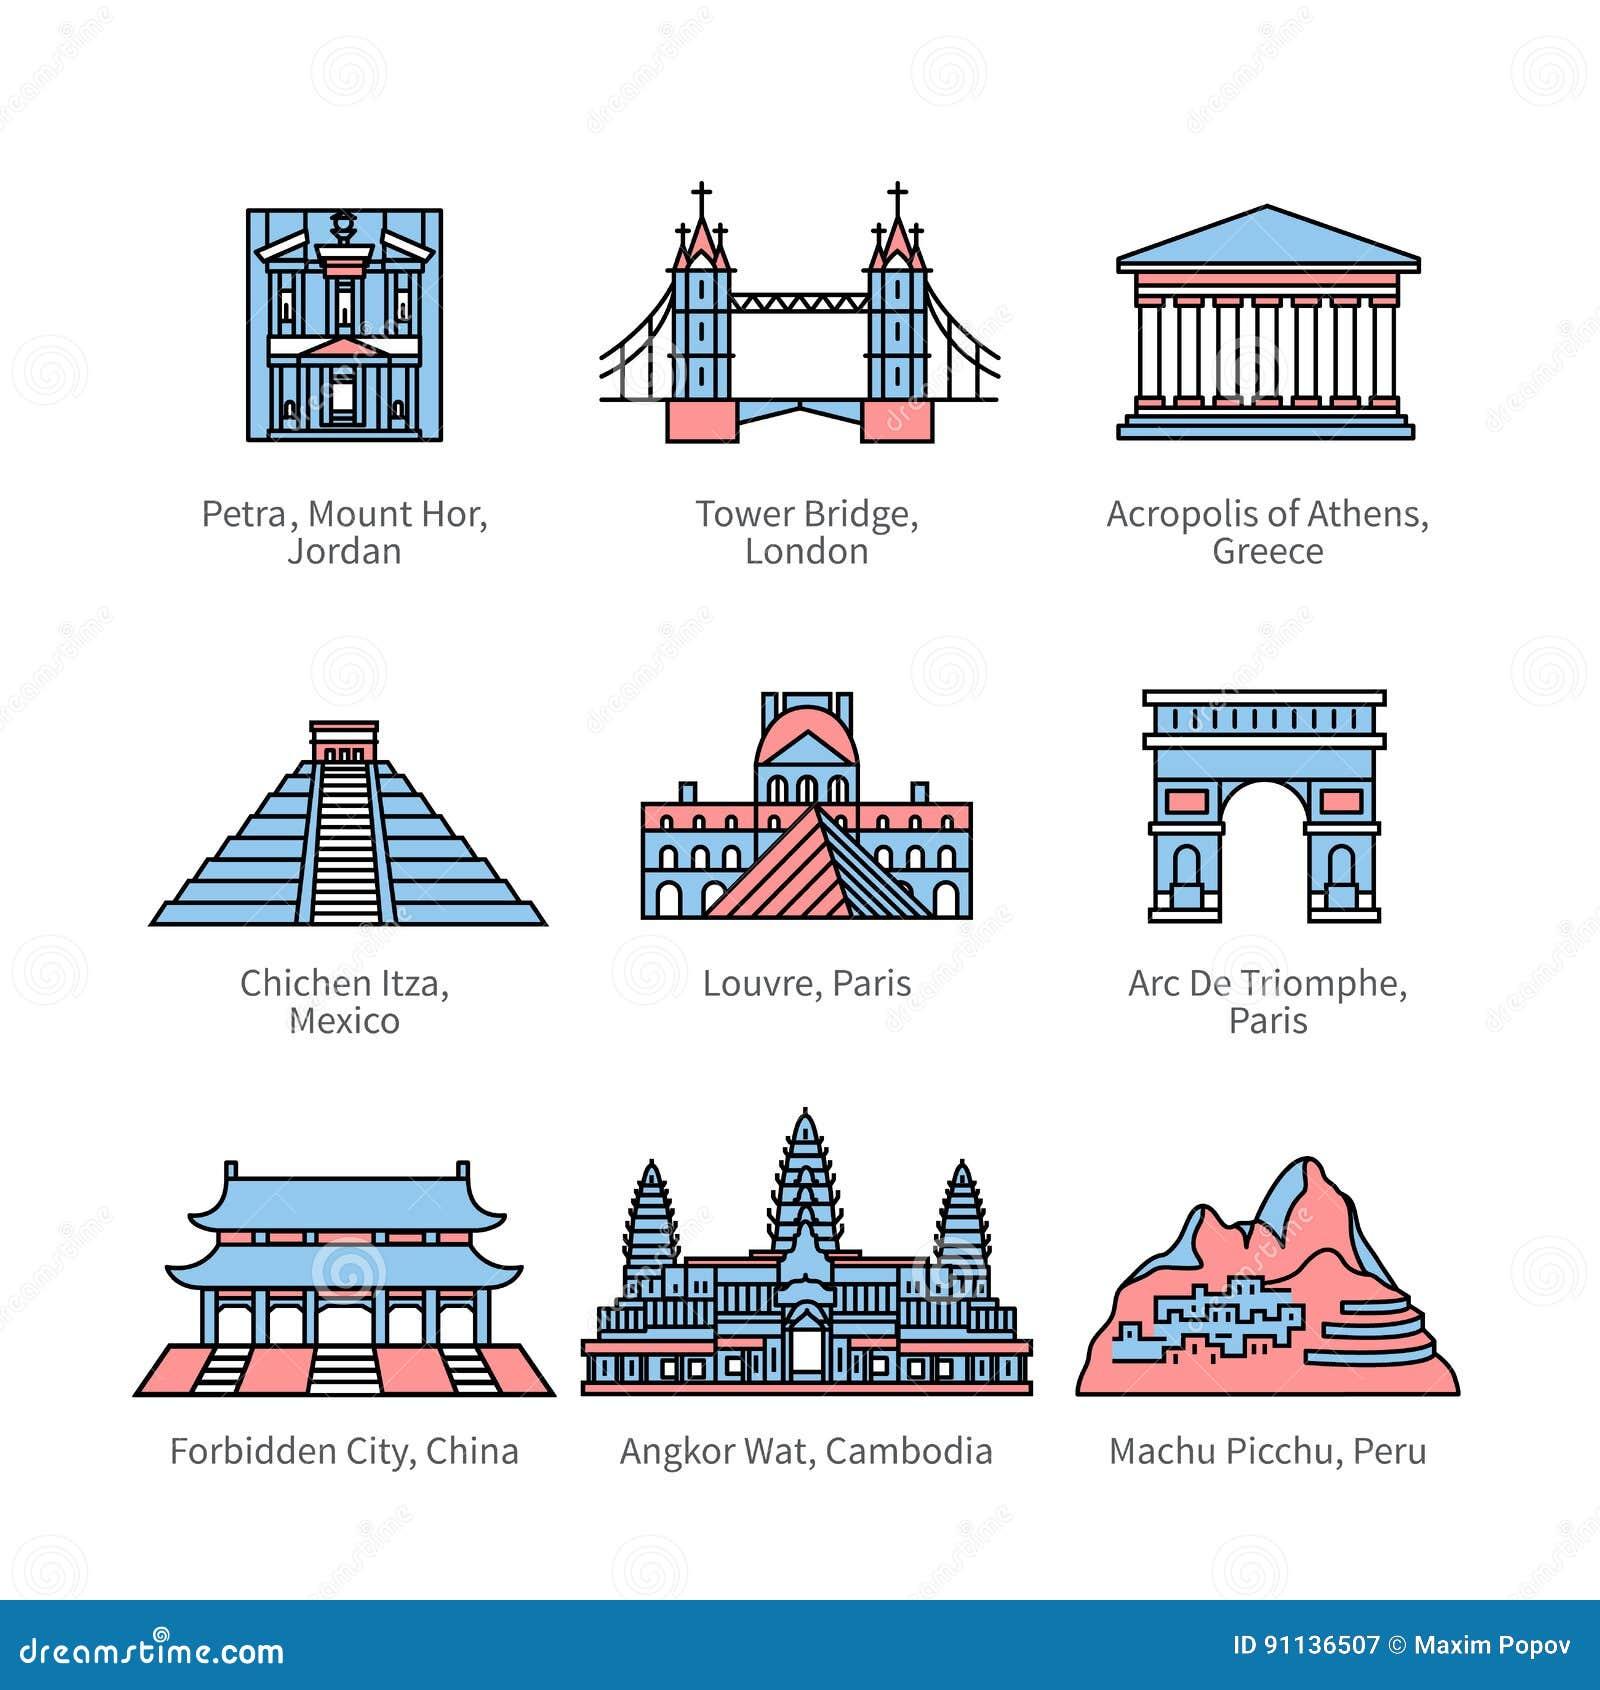 Ορόσημα ταξιδιού πόλεων της Ευρώπης, της Ασίας και της Αμερικής